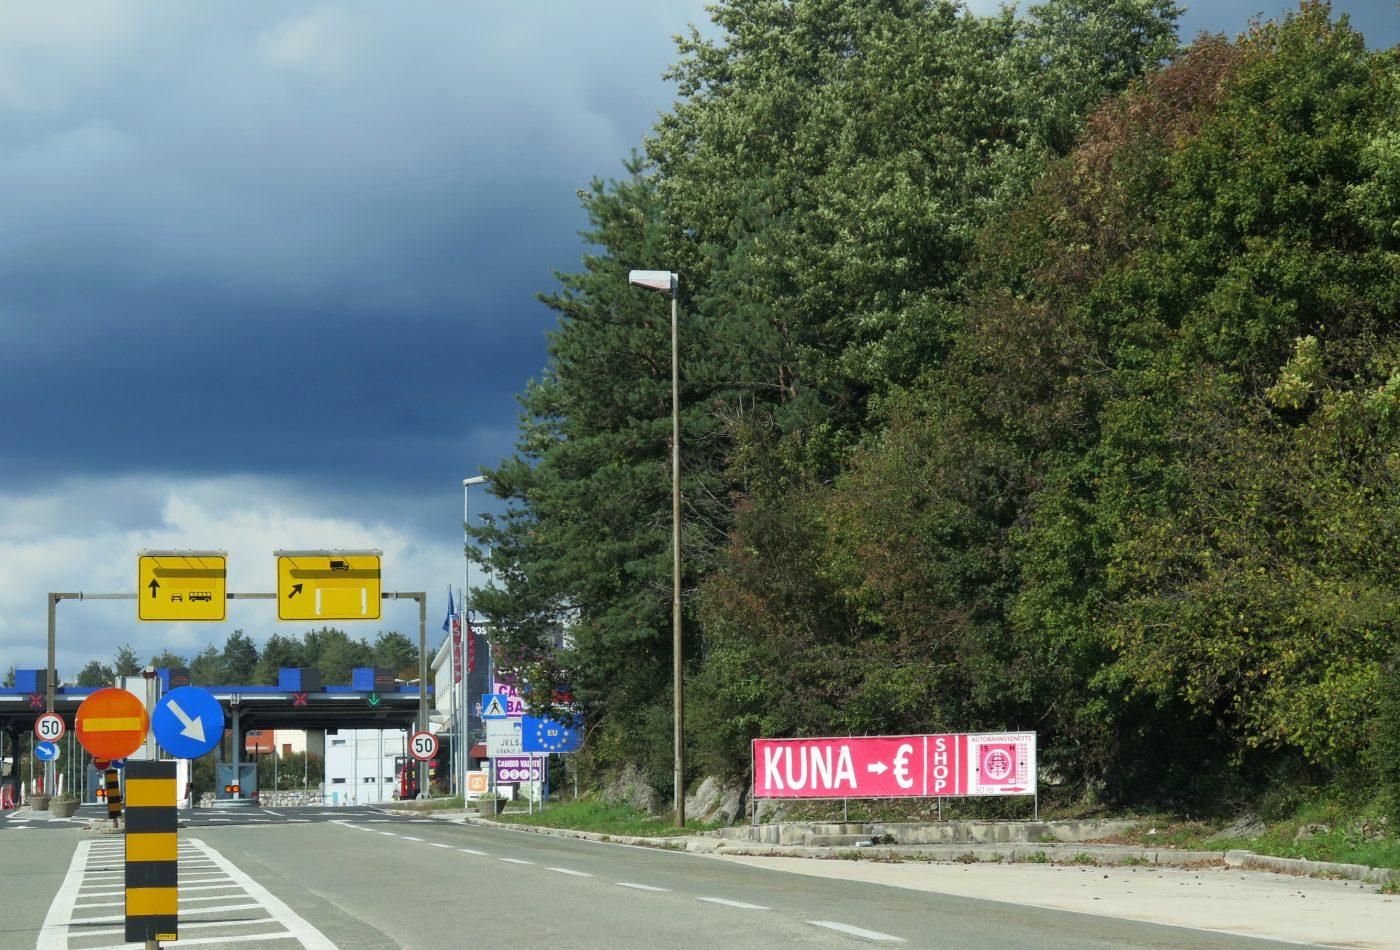 מעבר הגבול לסלובניה, יש לקנות מדבקה לכבישי אגרה השלט מורה שבסלובניה משלמים ביורו.